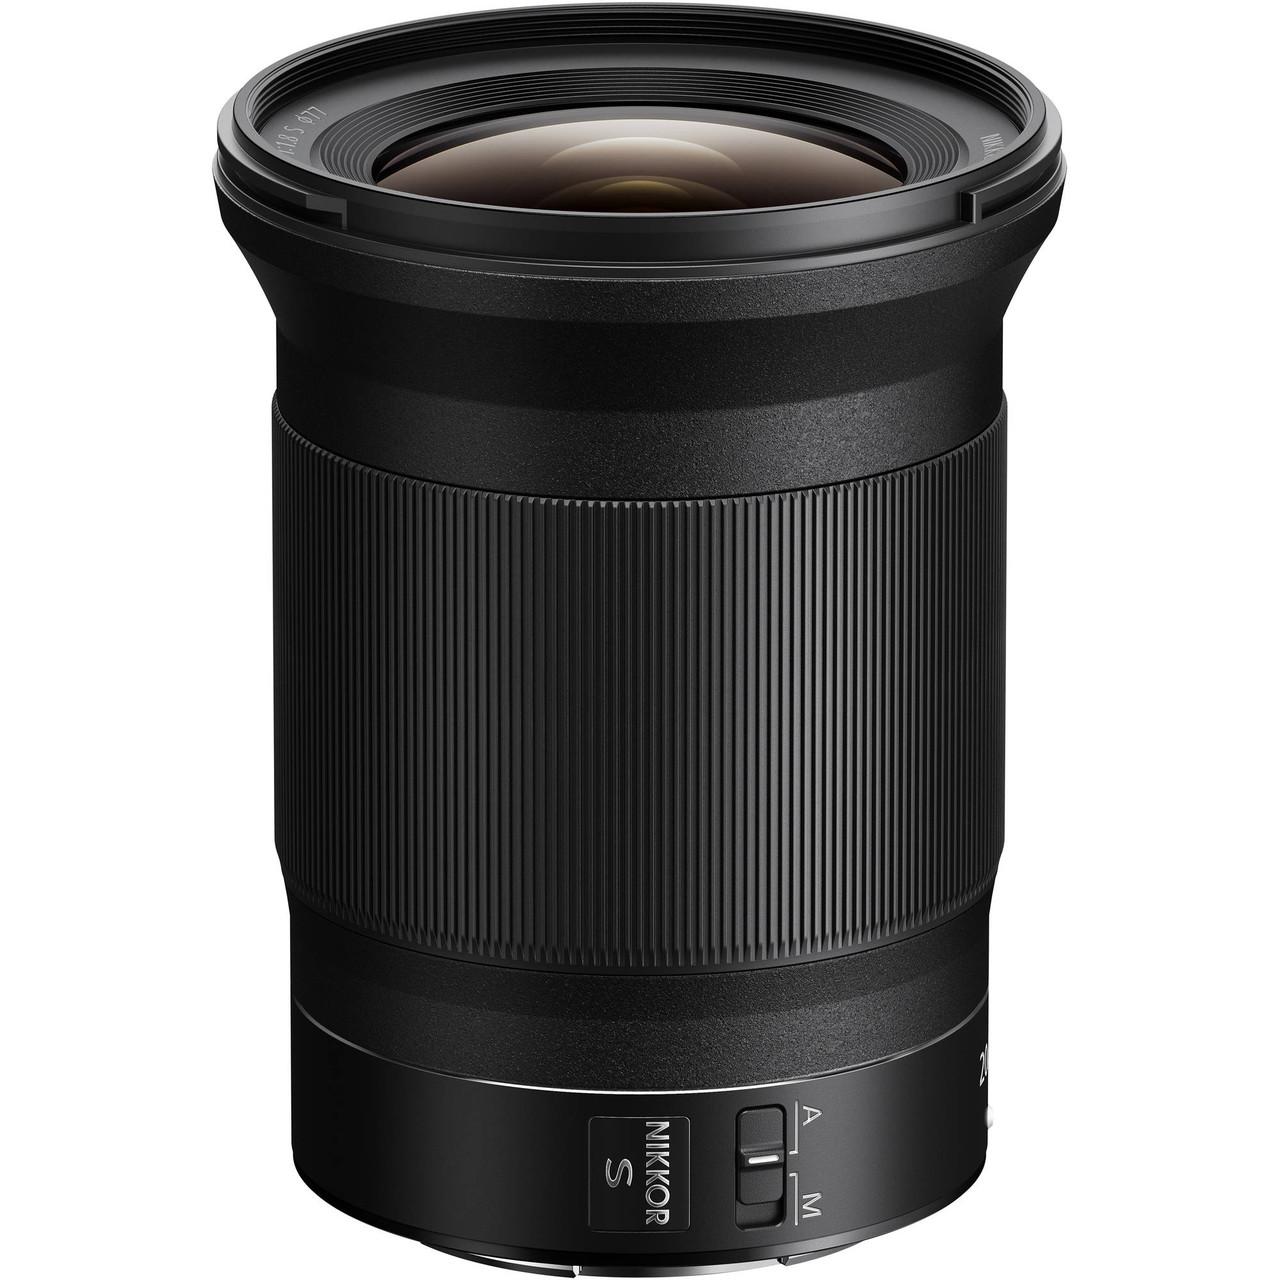 Nikon NIKKOR Z 20mm f/1.8 S Lens